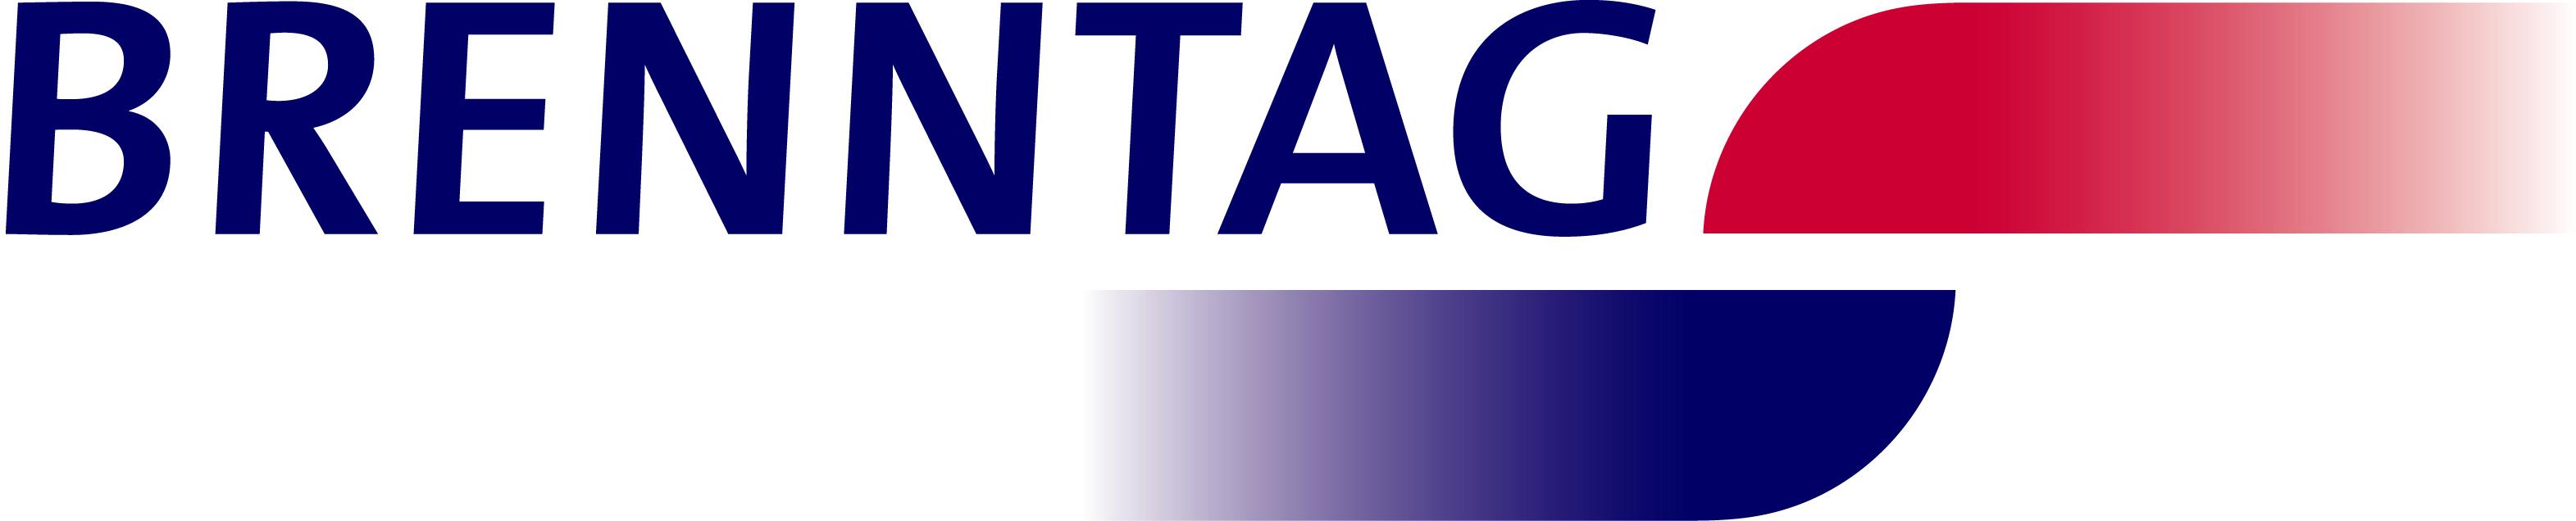 Brenntag_logo